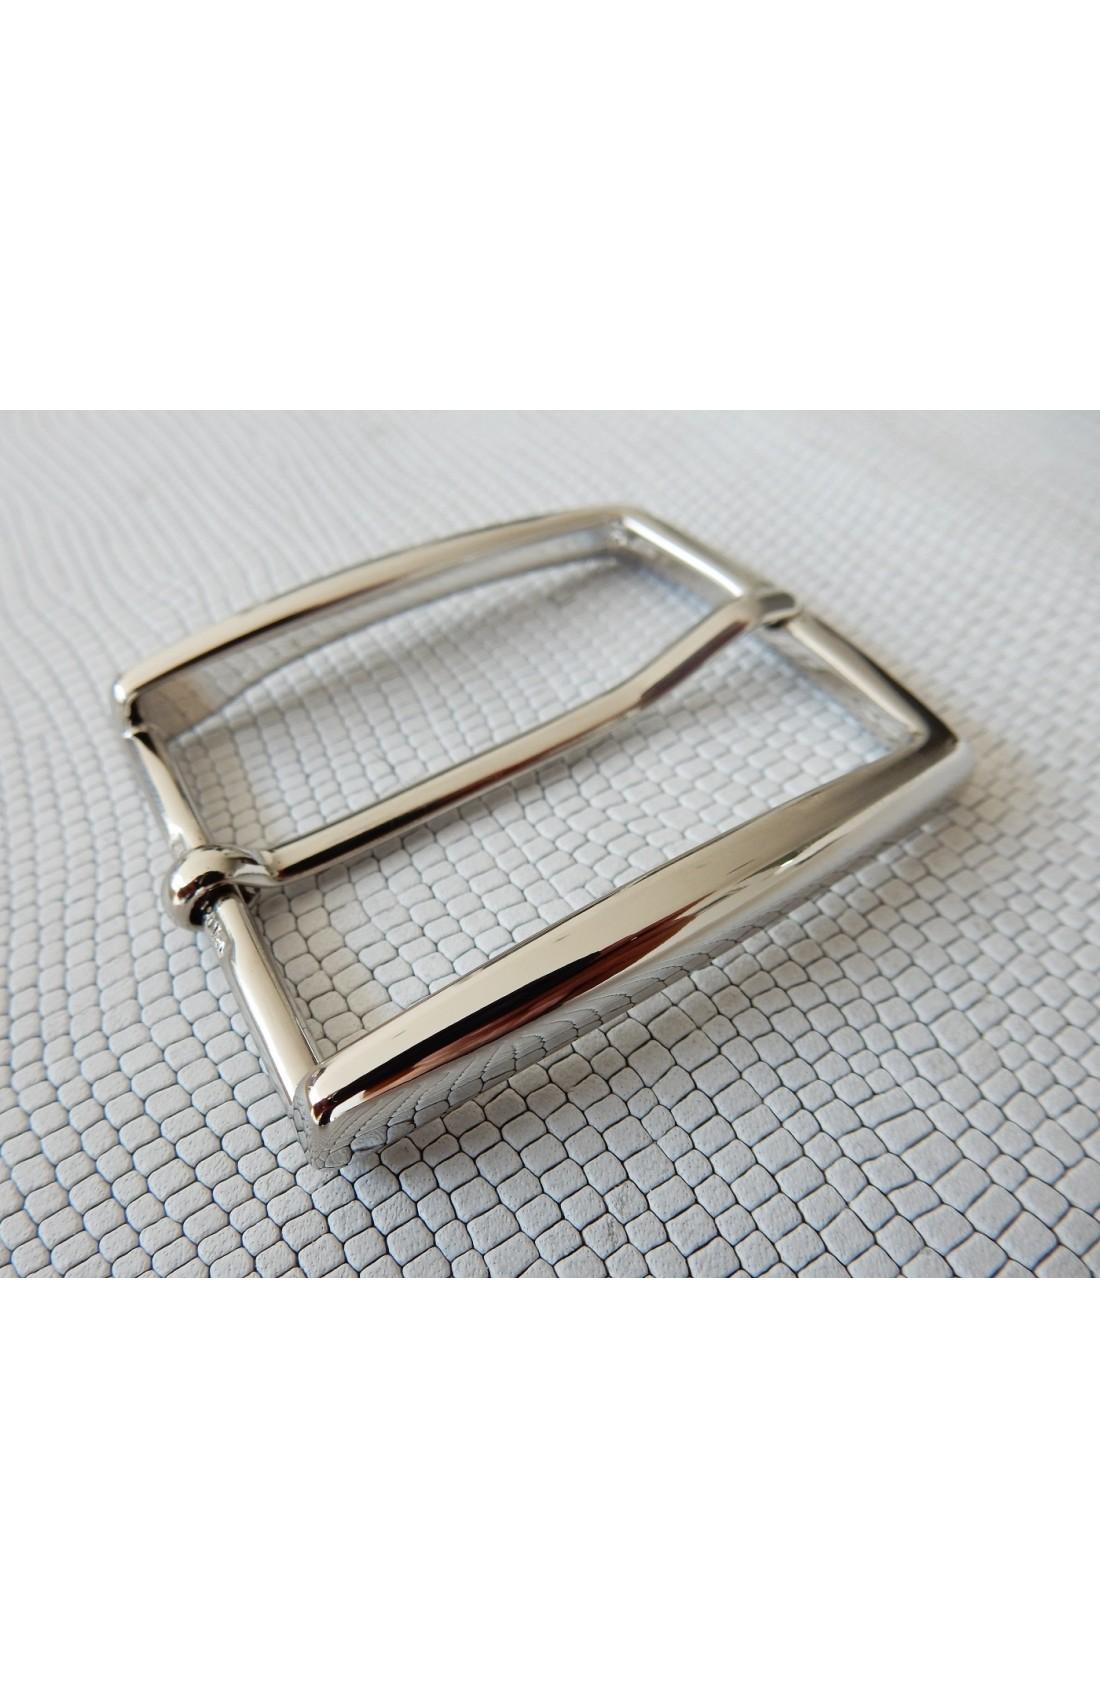 Fibbia Standard L 145 mm.35 nikel free (2)